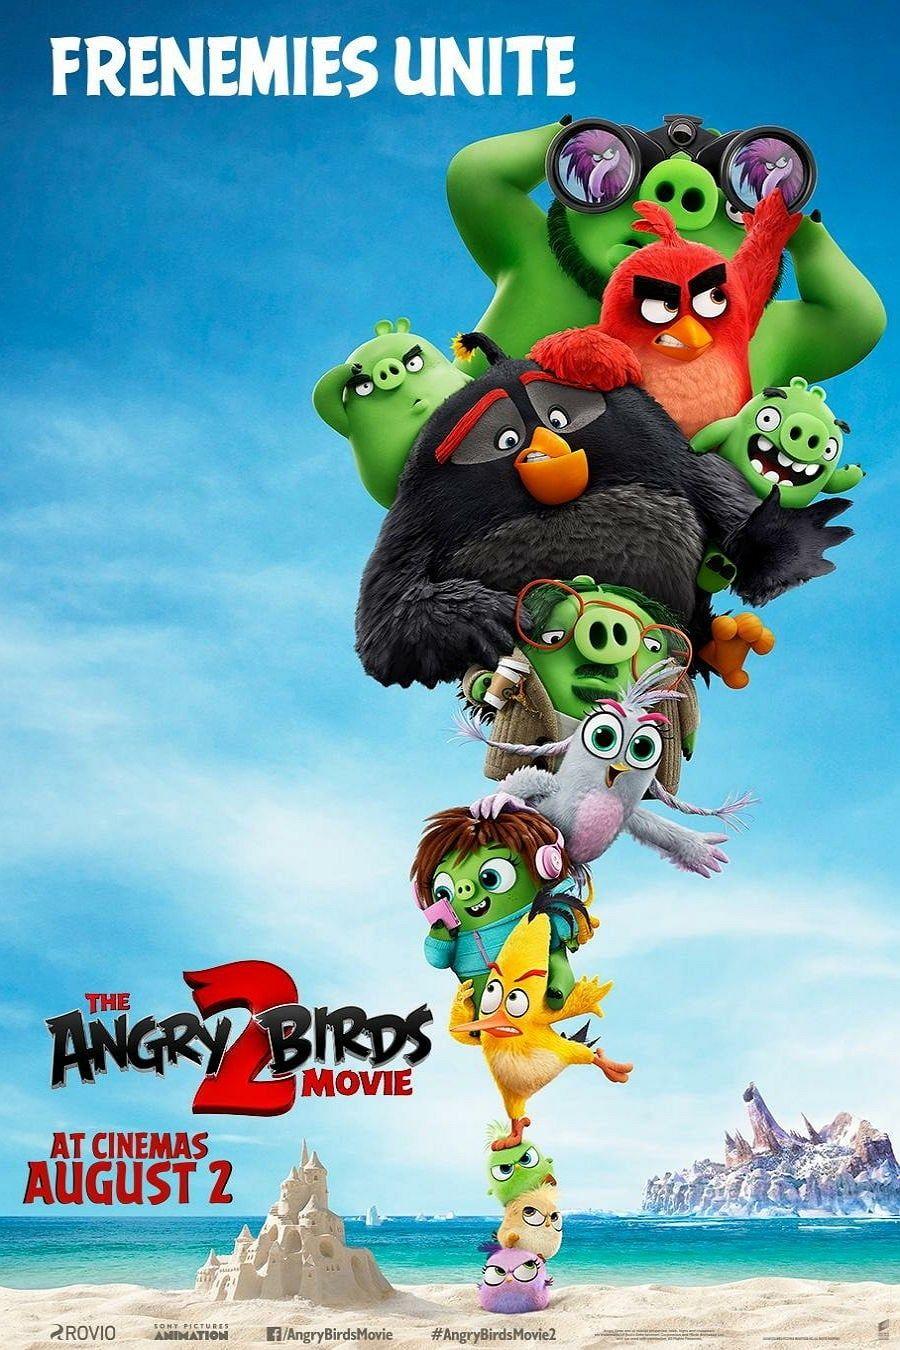 The Angry Birds Movie 2 Filme Cmplet Dublad Em Prtugues Angry Birds Filmes Filmes Completos